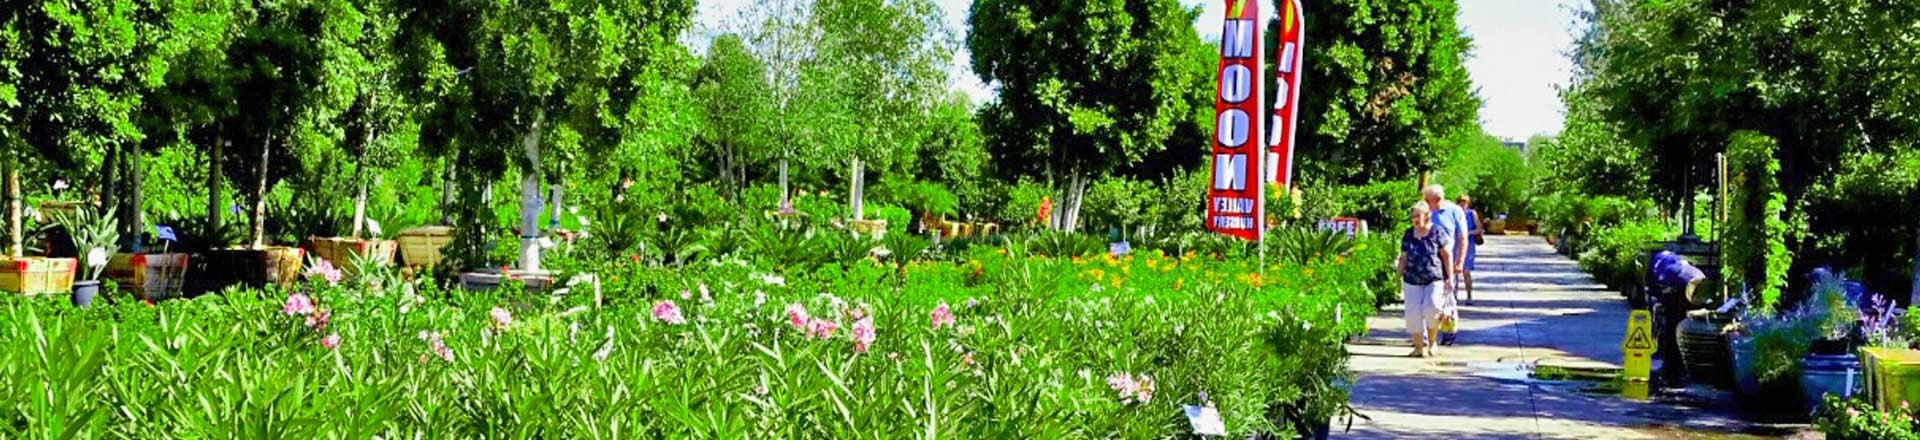 shrubs_1920x440-1.jpg